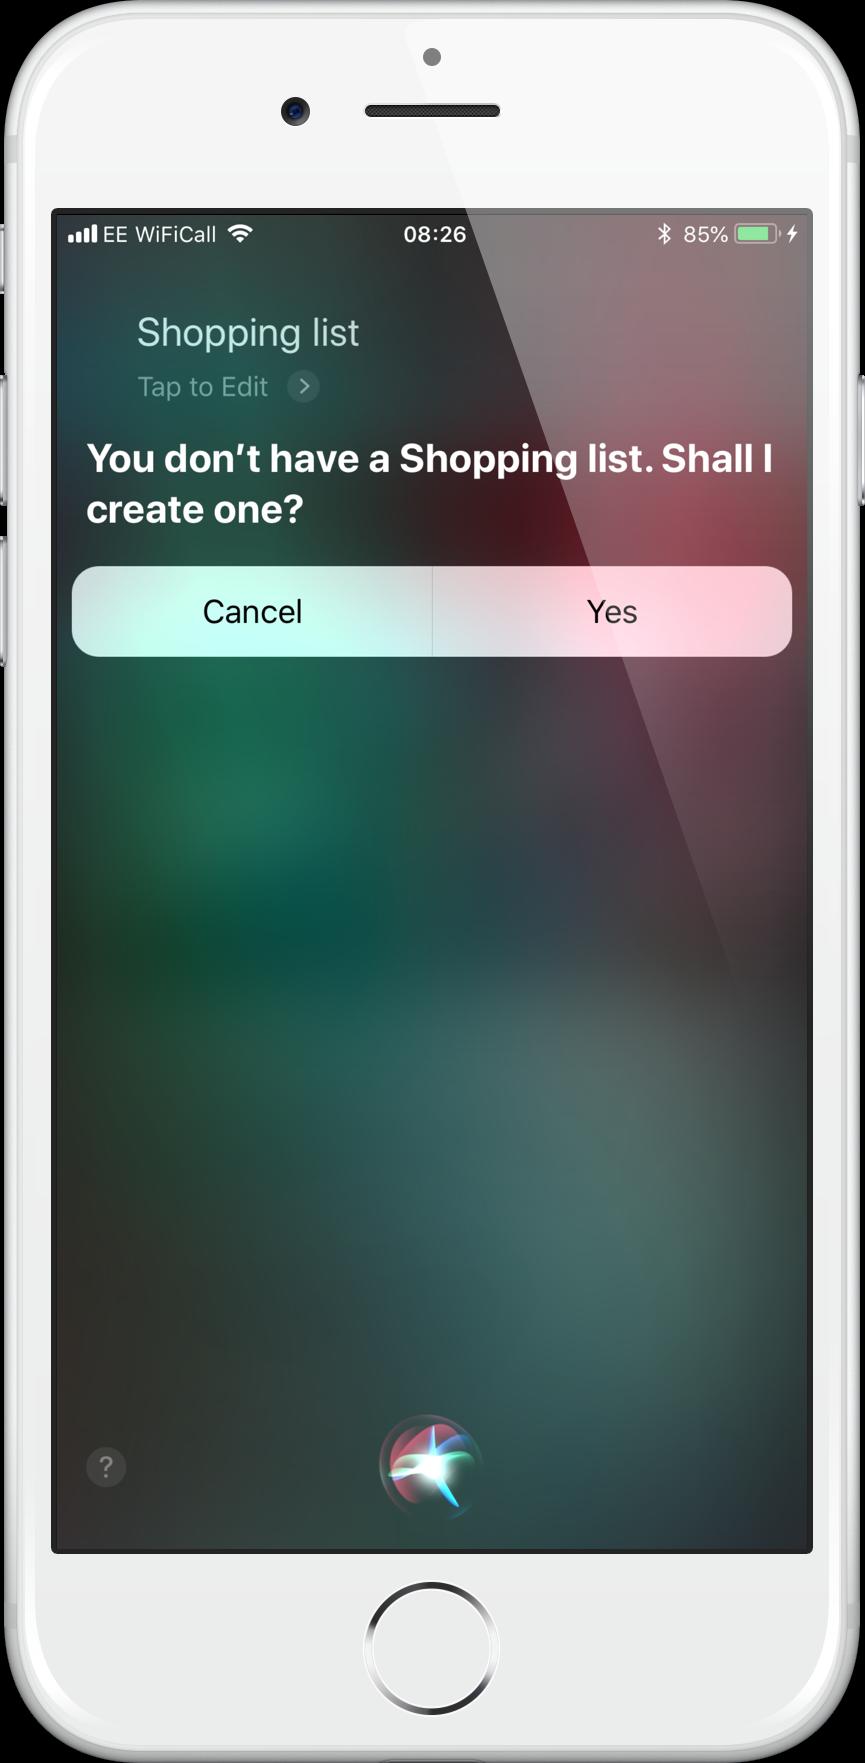 Create Shopping List